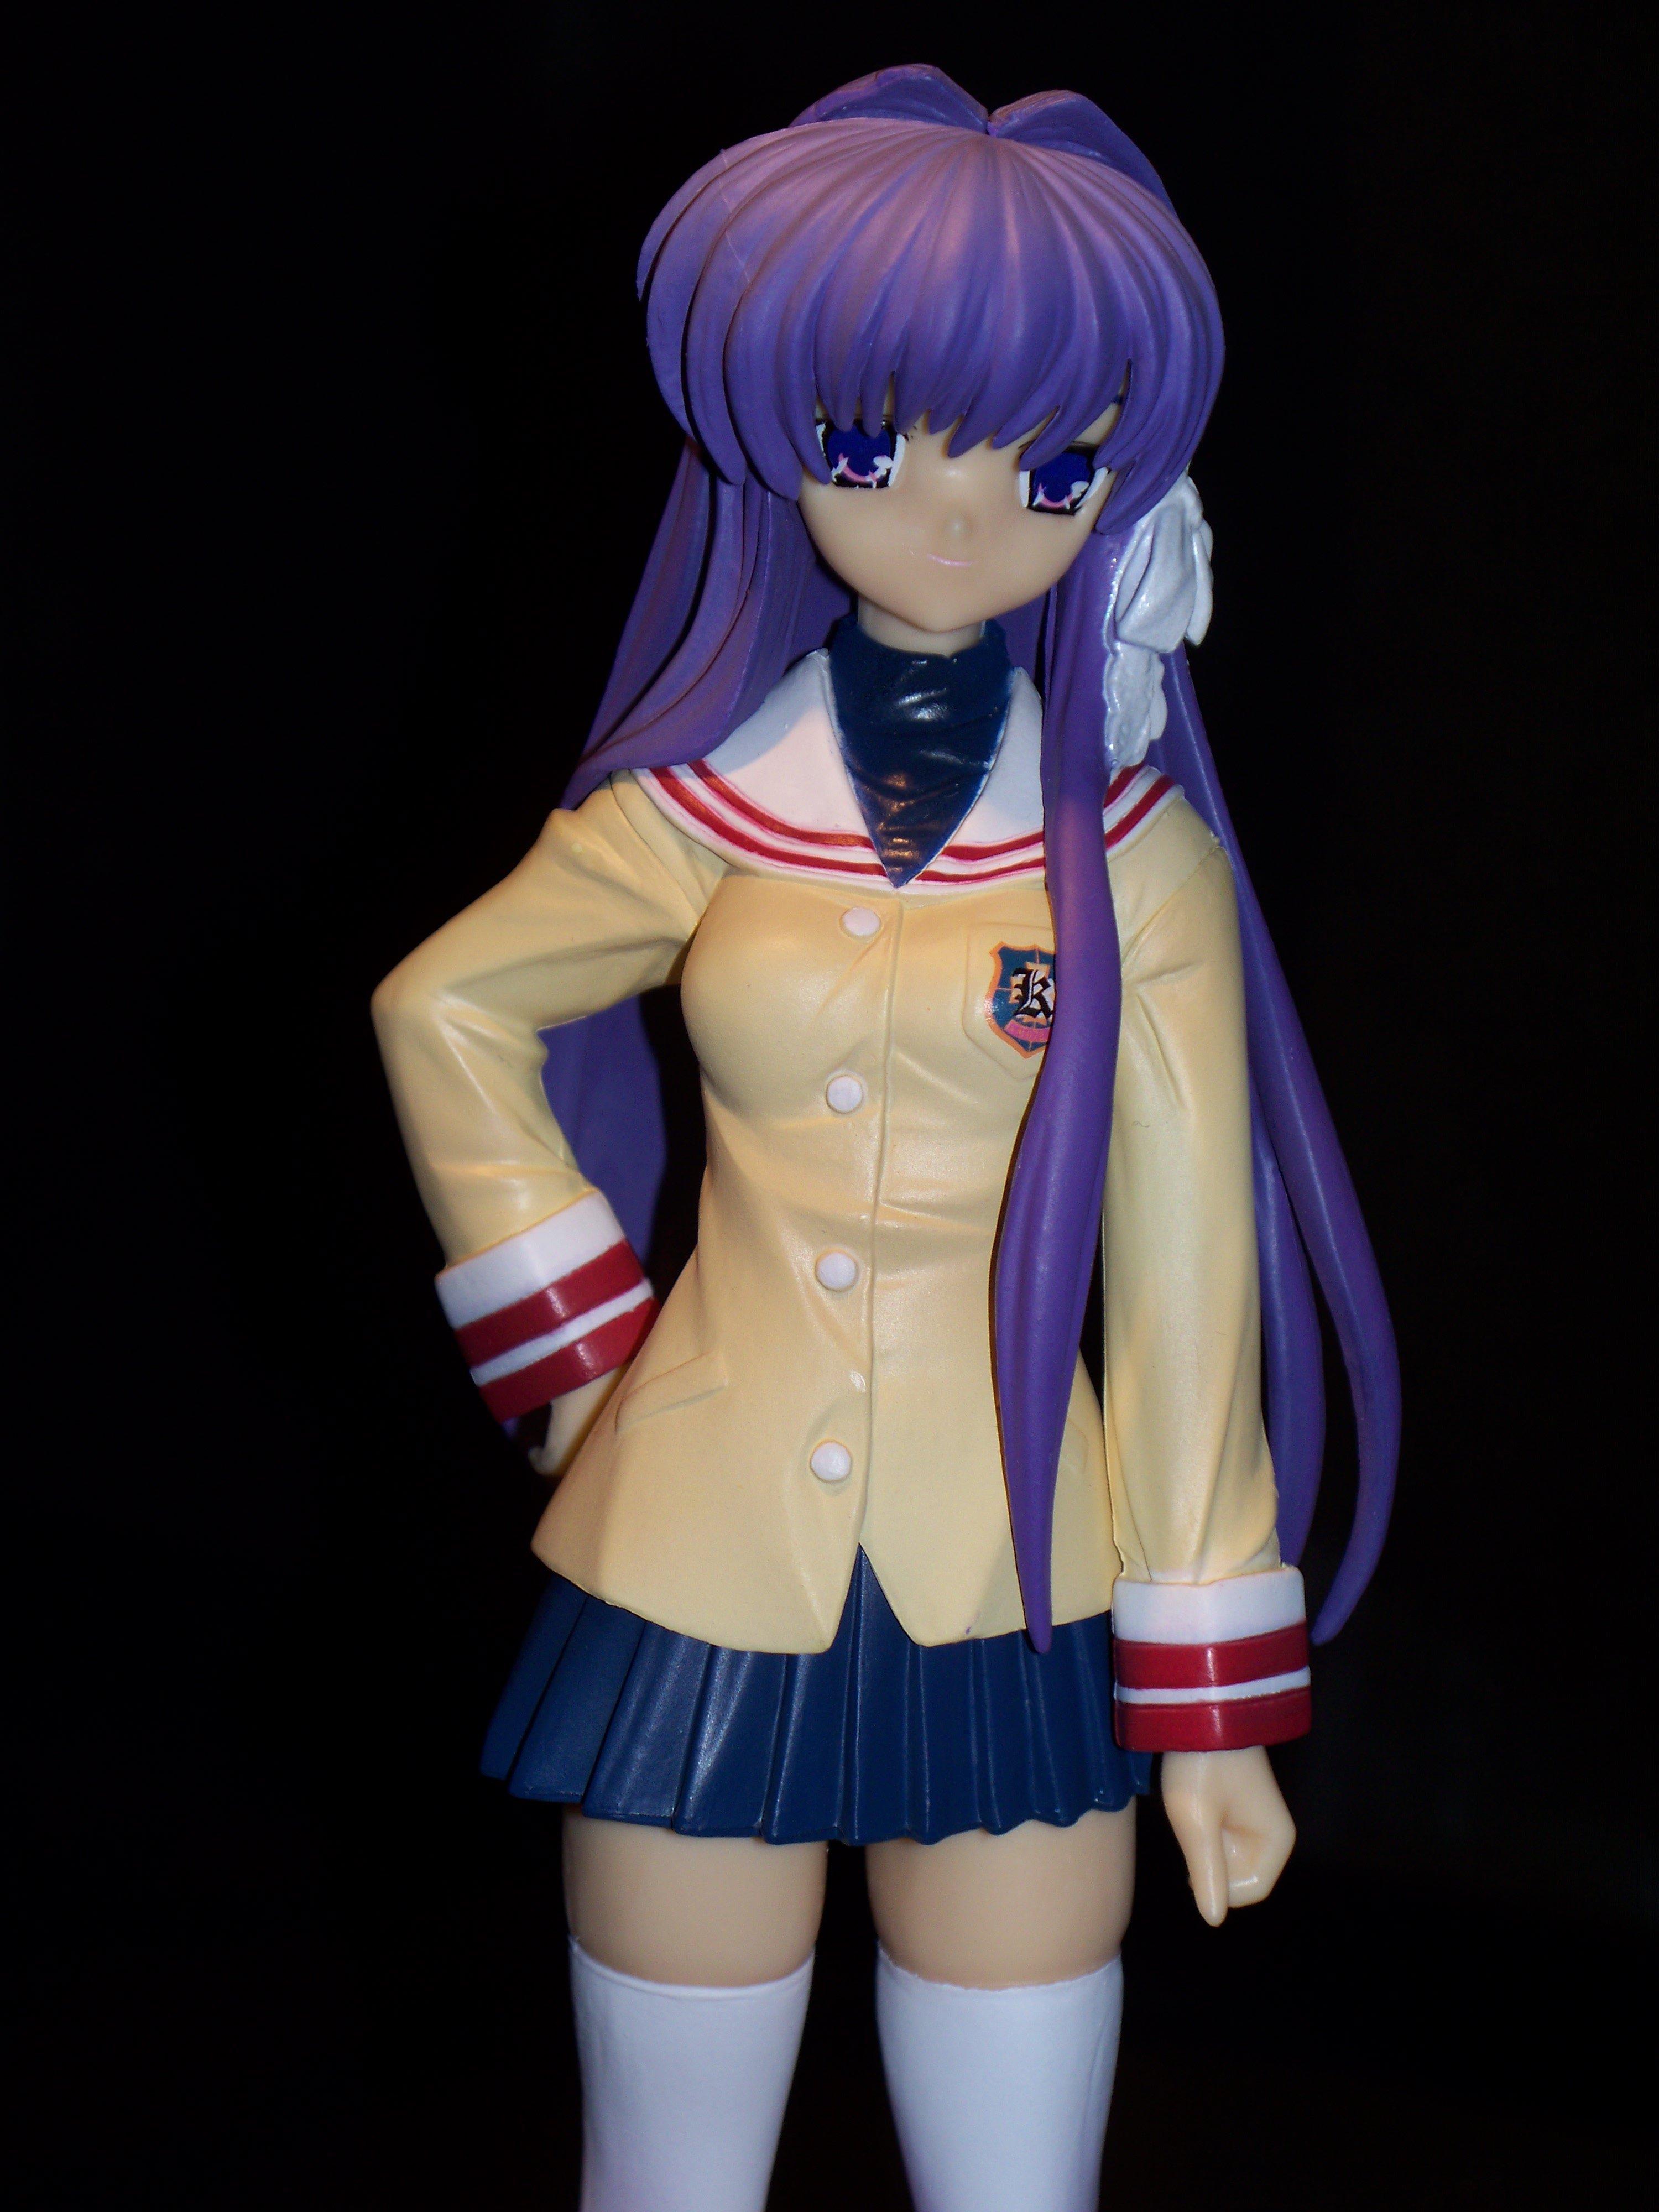 Clannad Kyou Fujibayashi Figure Animetal Anime Figures And Statues